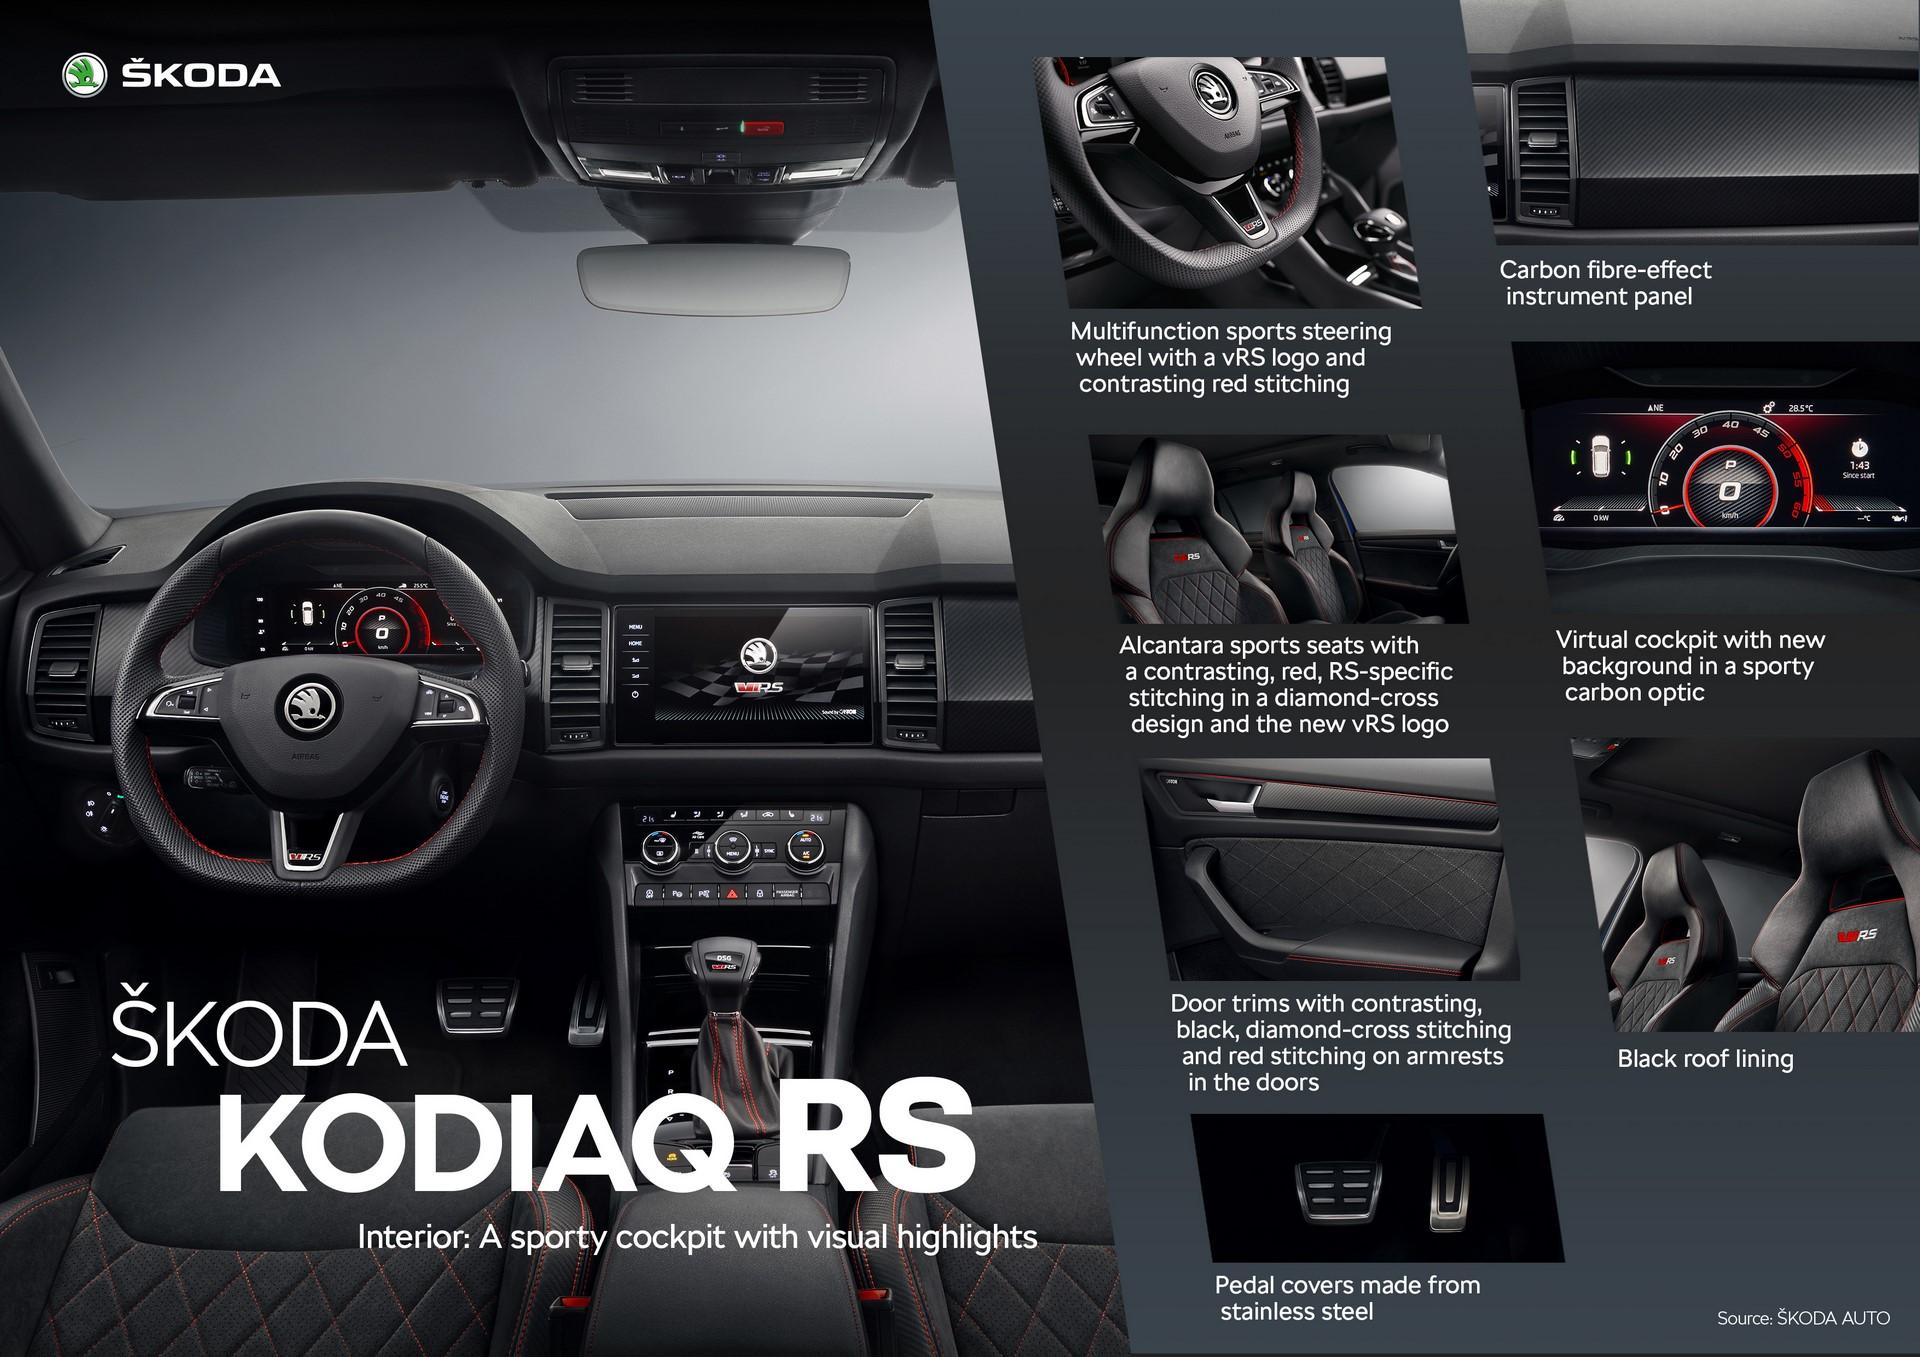 Skoda Kodiaq RS (7)